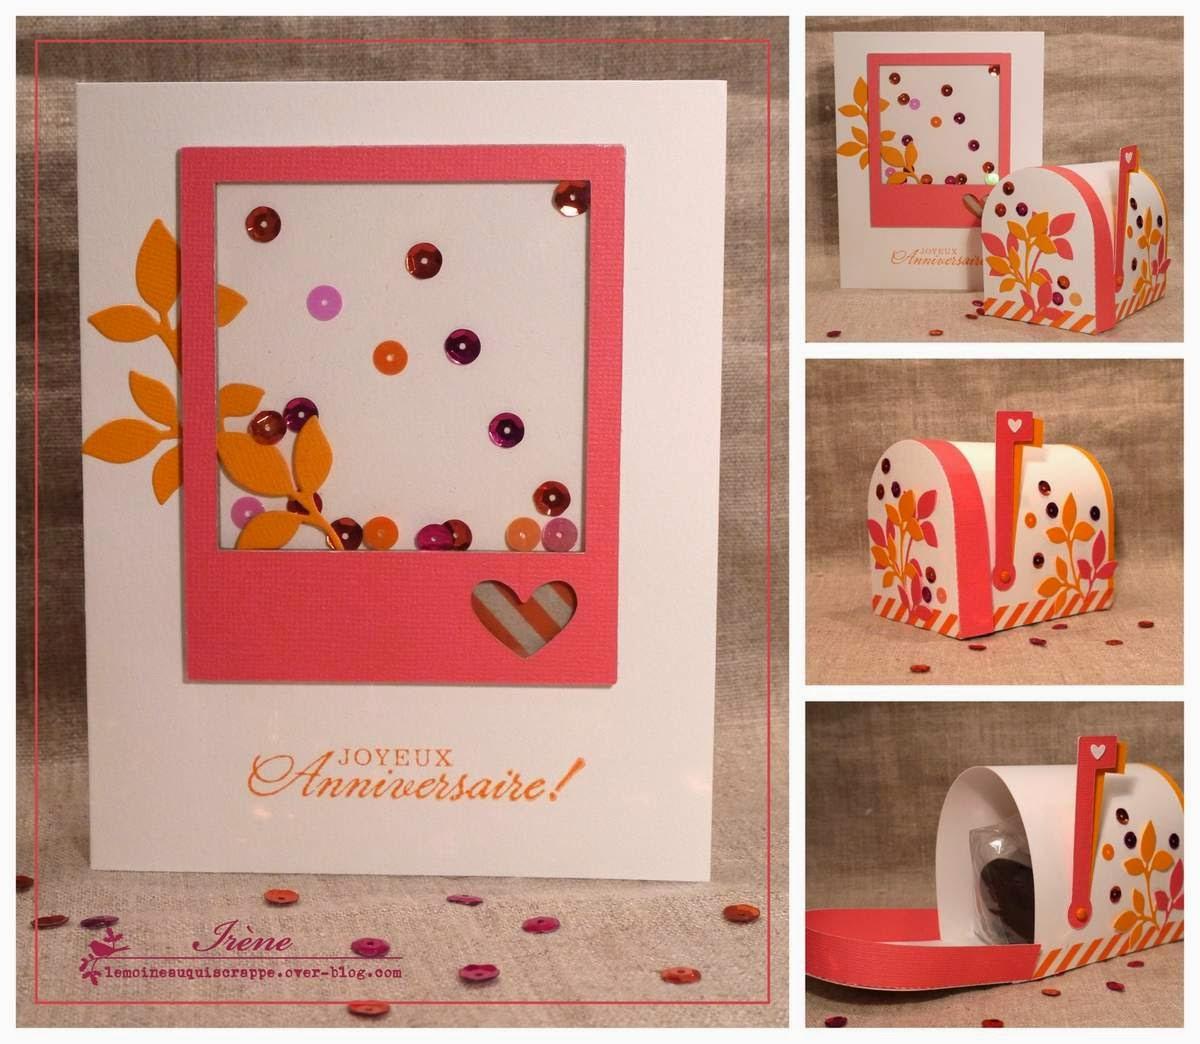 http://lemoineauquiscrappe.over-blog.com/2014/02/challenge-inspiration-scrap-à-la-carte.html